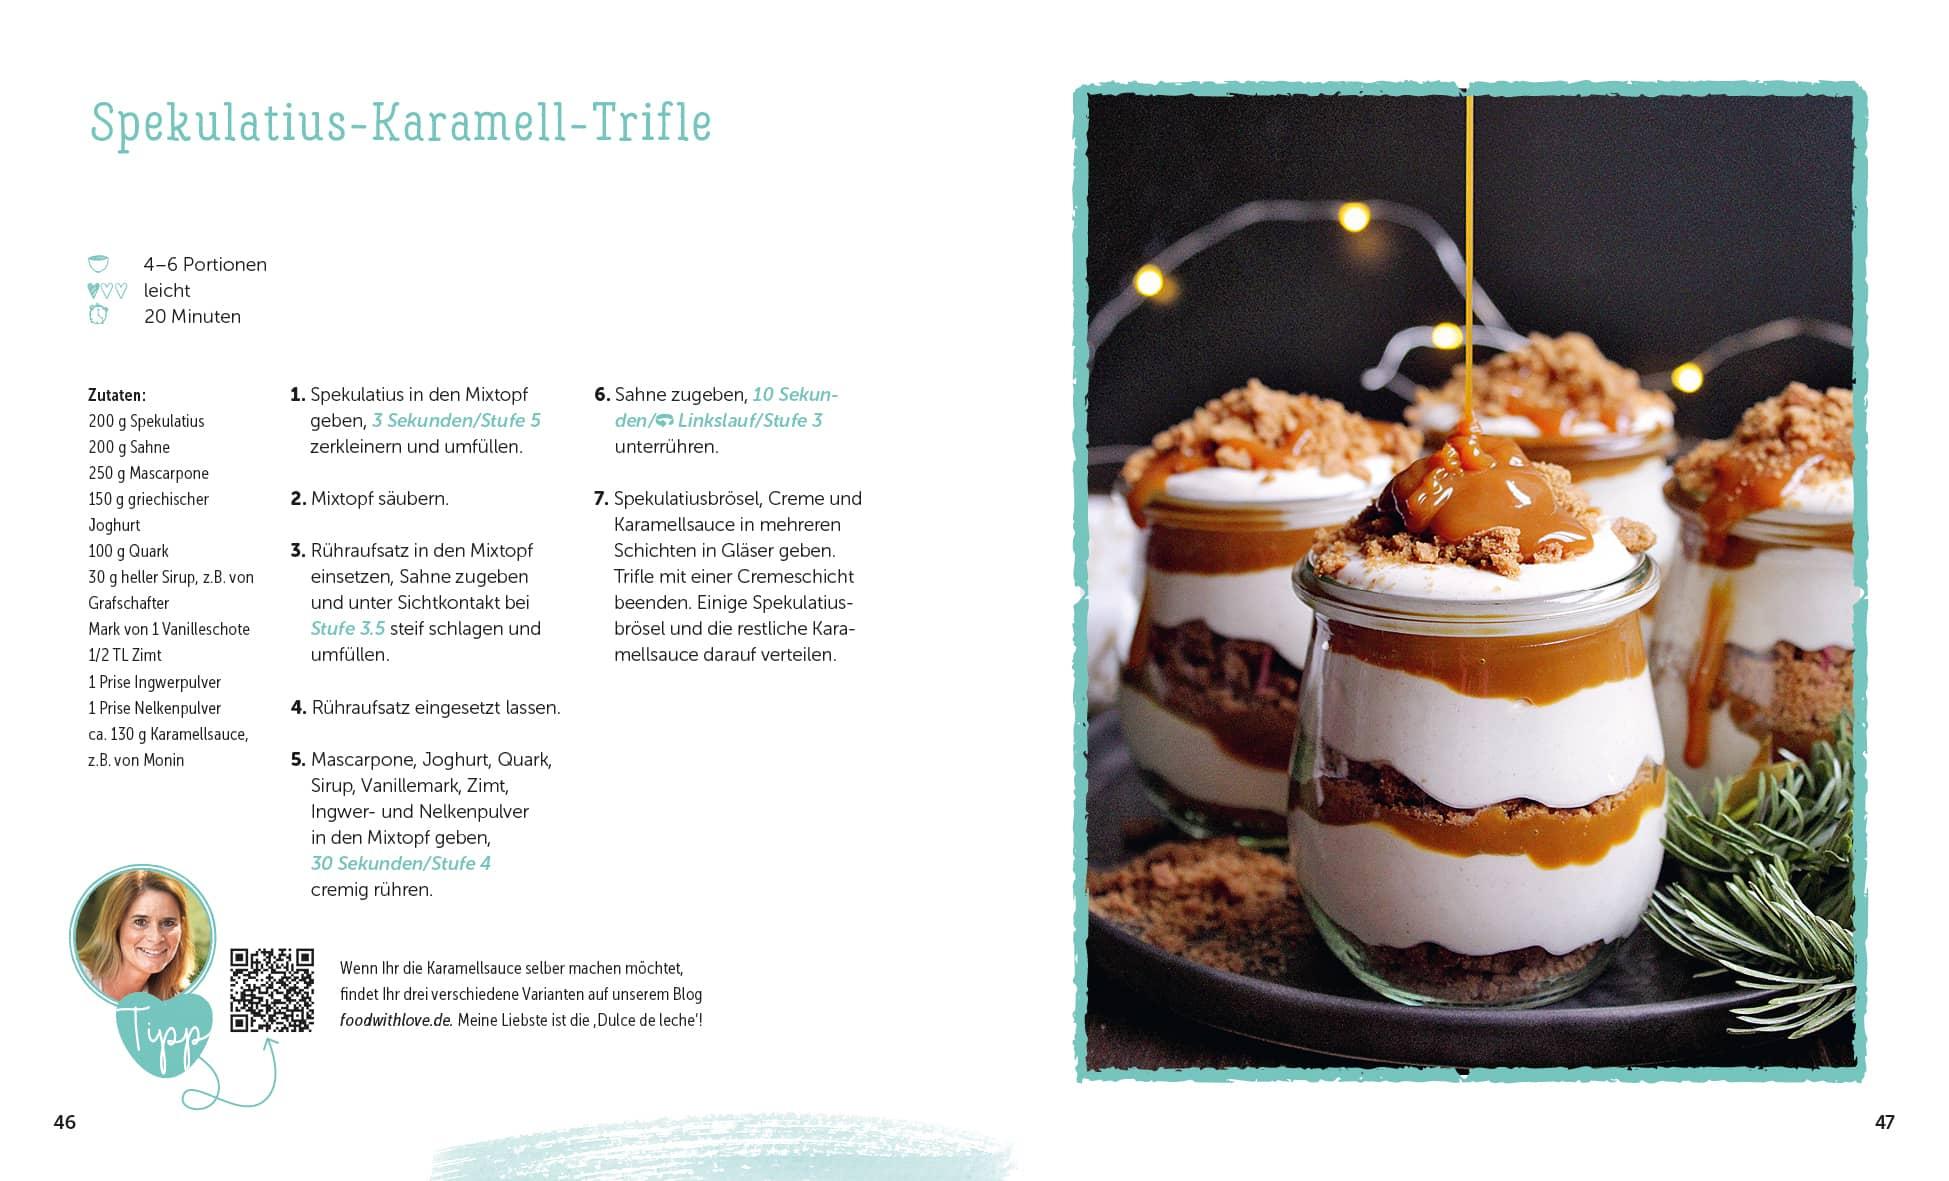 Sommerküche Thermomix : Food with love 33 himmlische desserts: rezepte mit dem thermomix